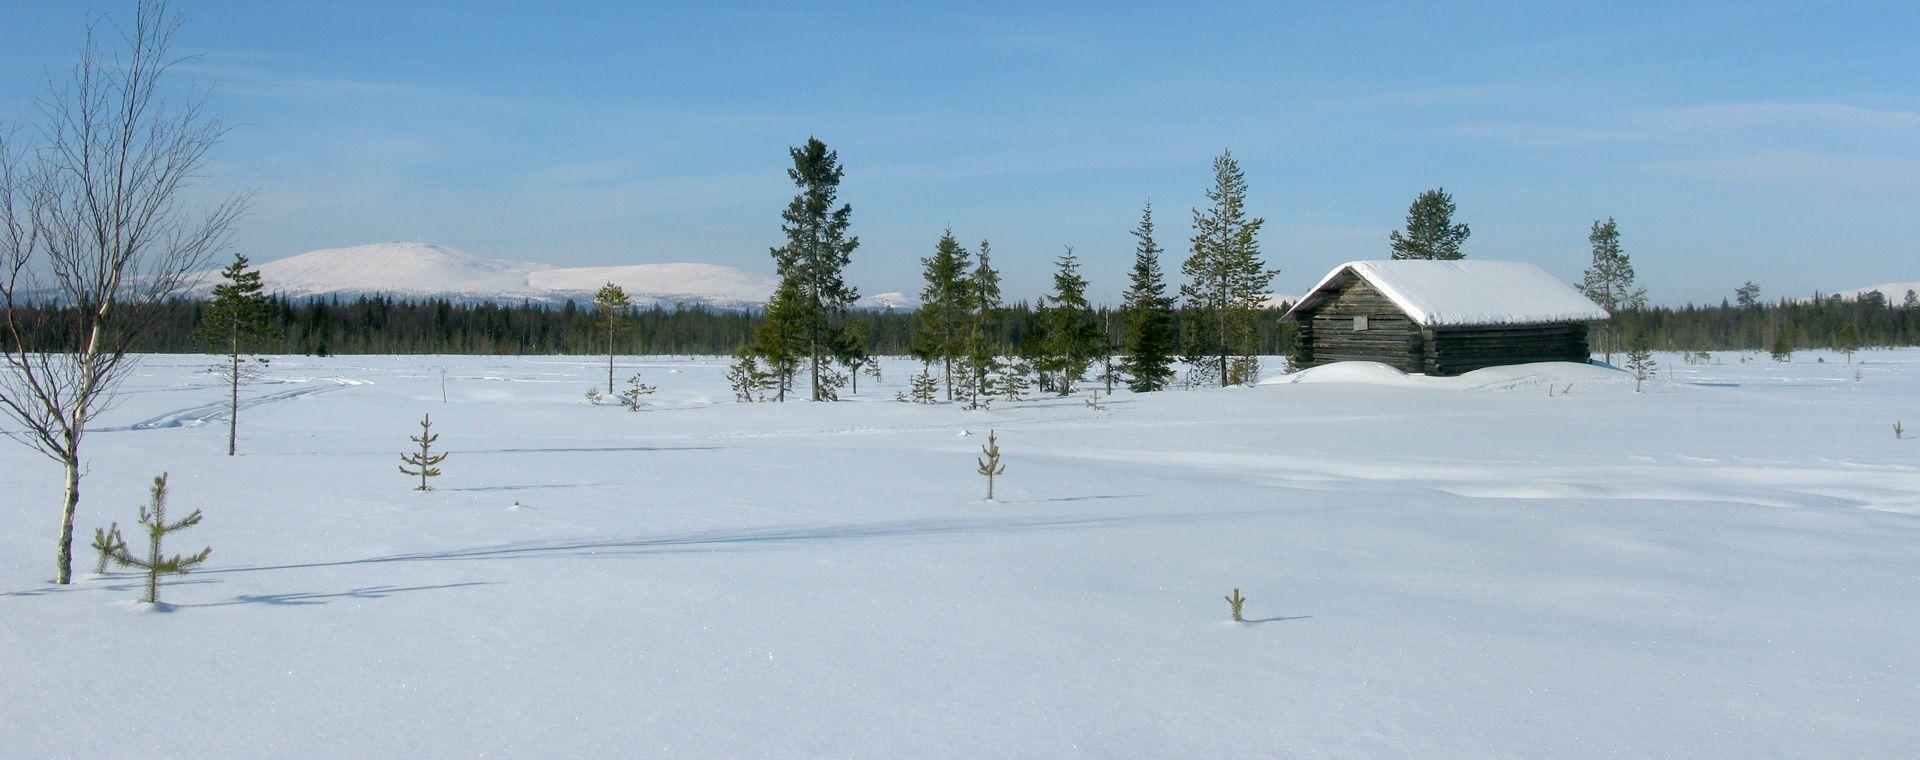 Voyage à pied : Laponie finlandaise : Äkäslompolo, séjour à l\'hôtel Seita